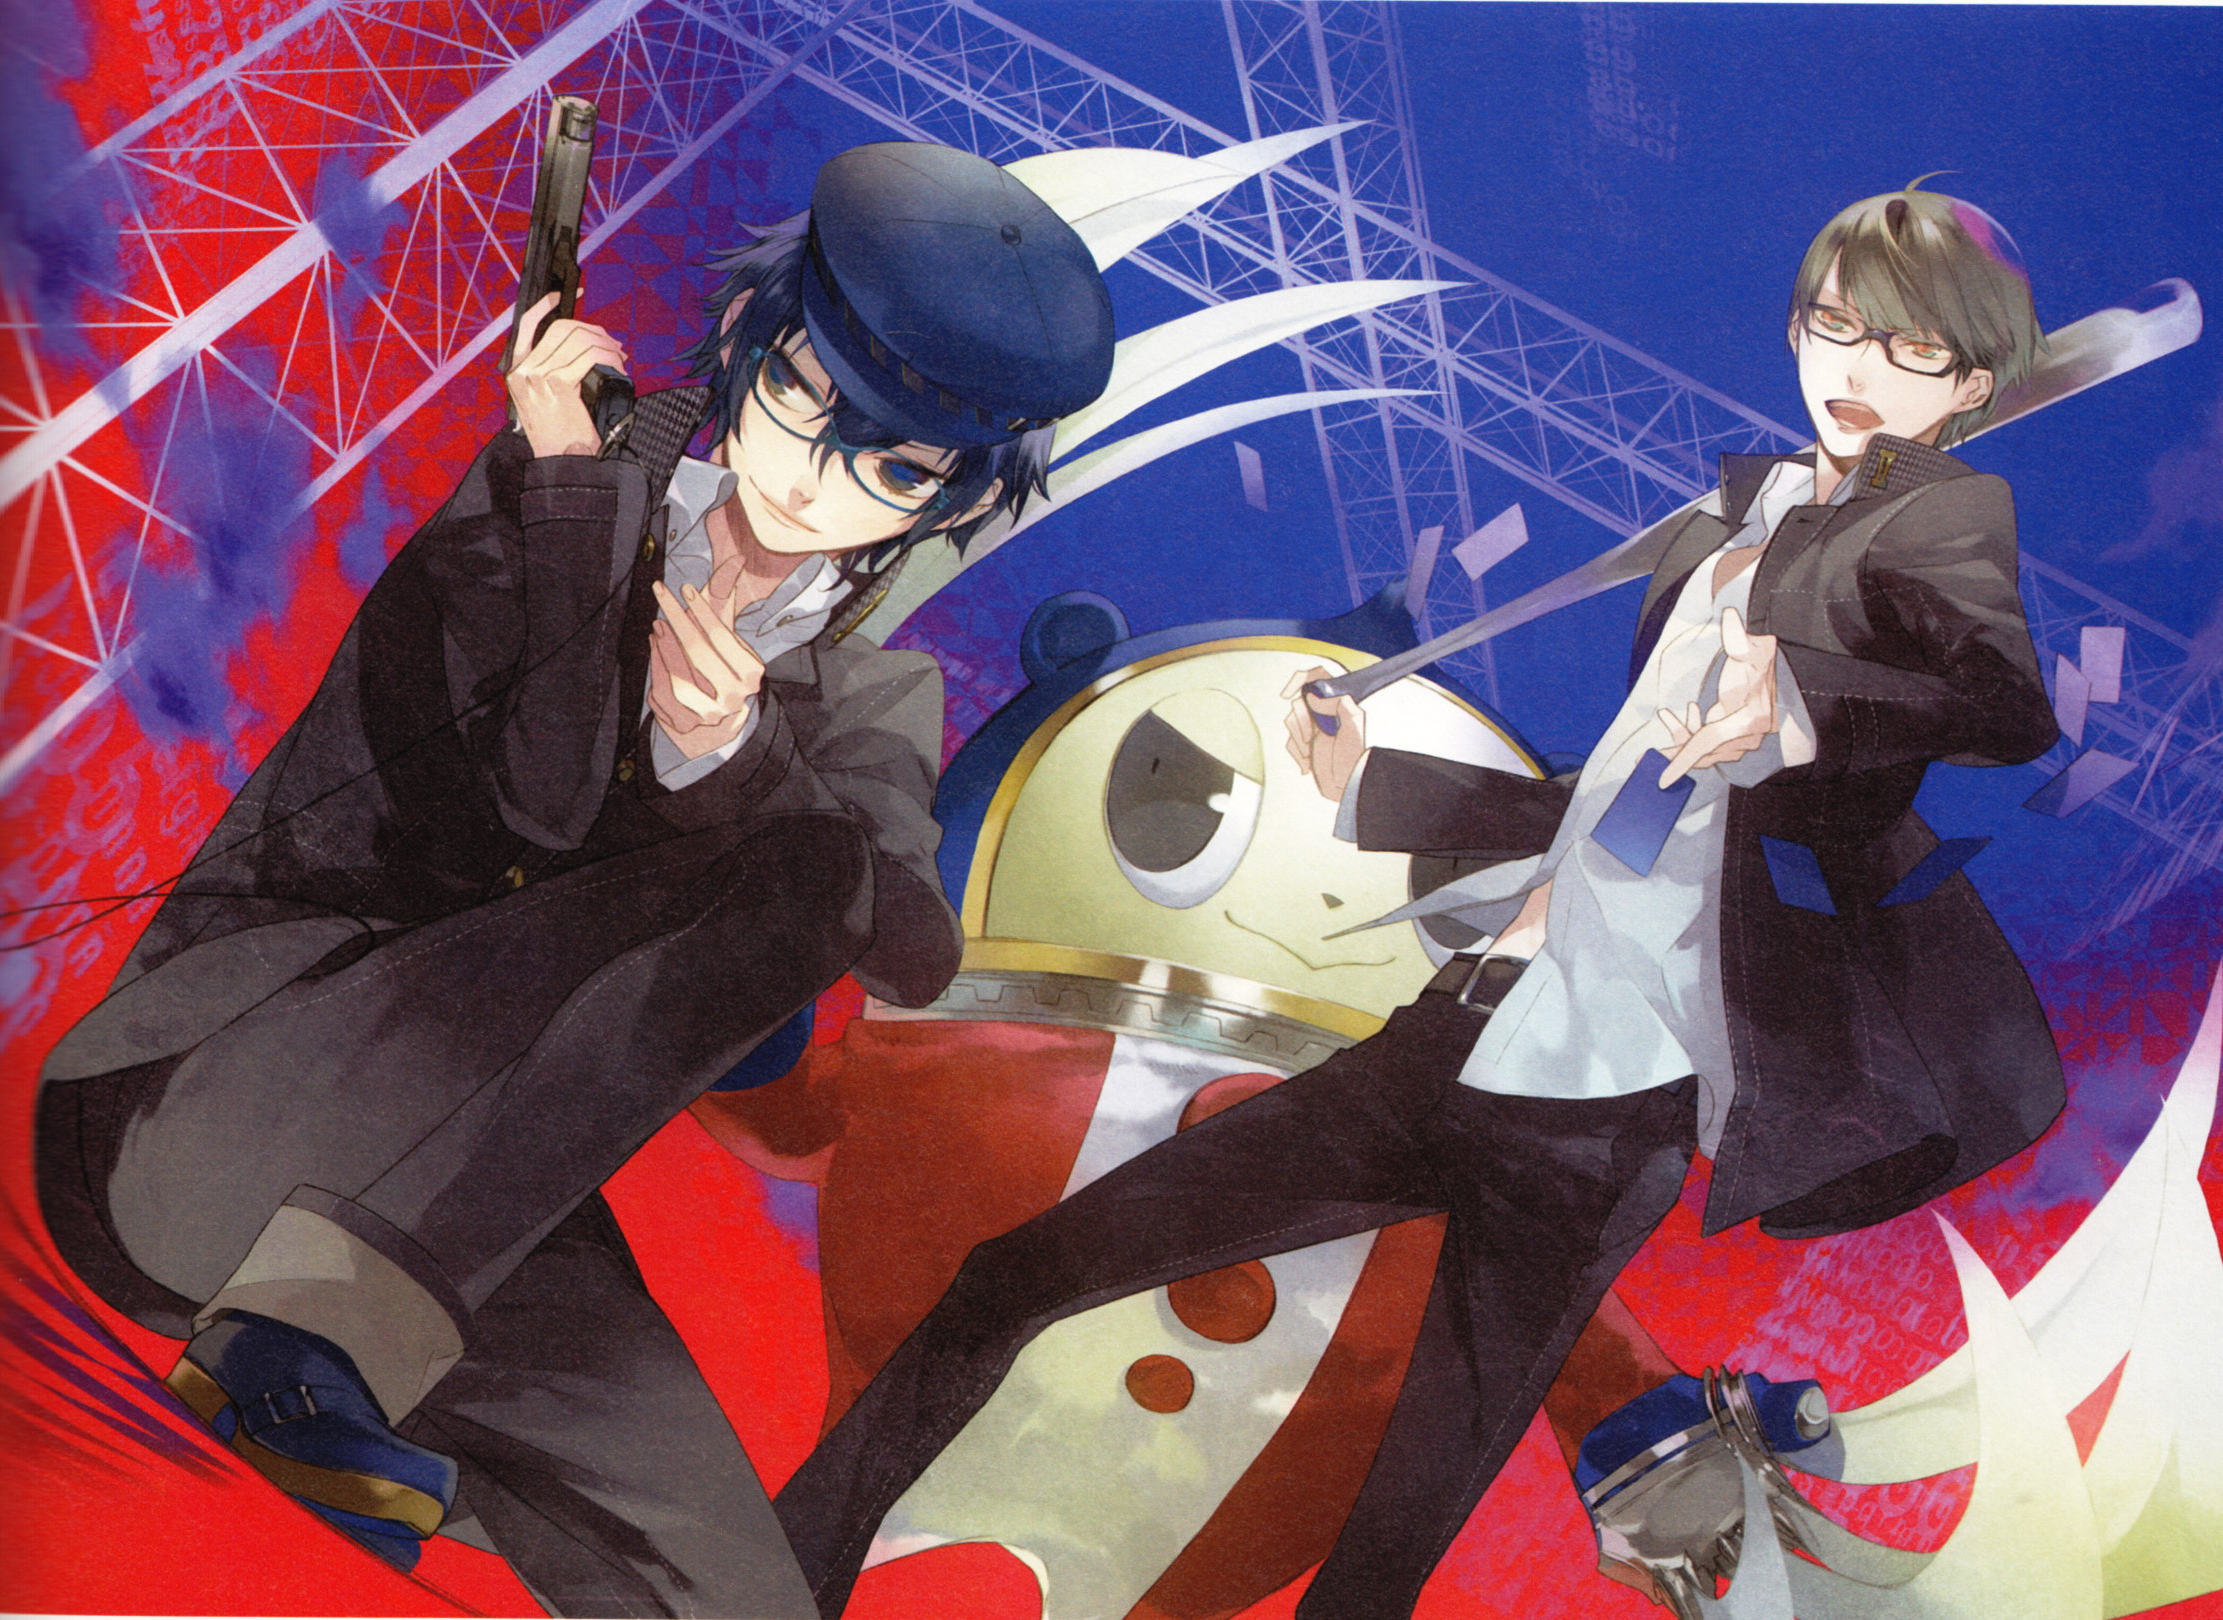 Shin Megami Tensei: Persona 4 - Wallpaper and Scan Gallery